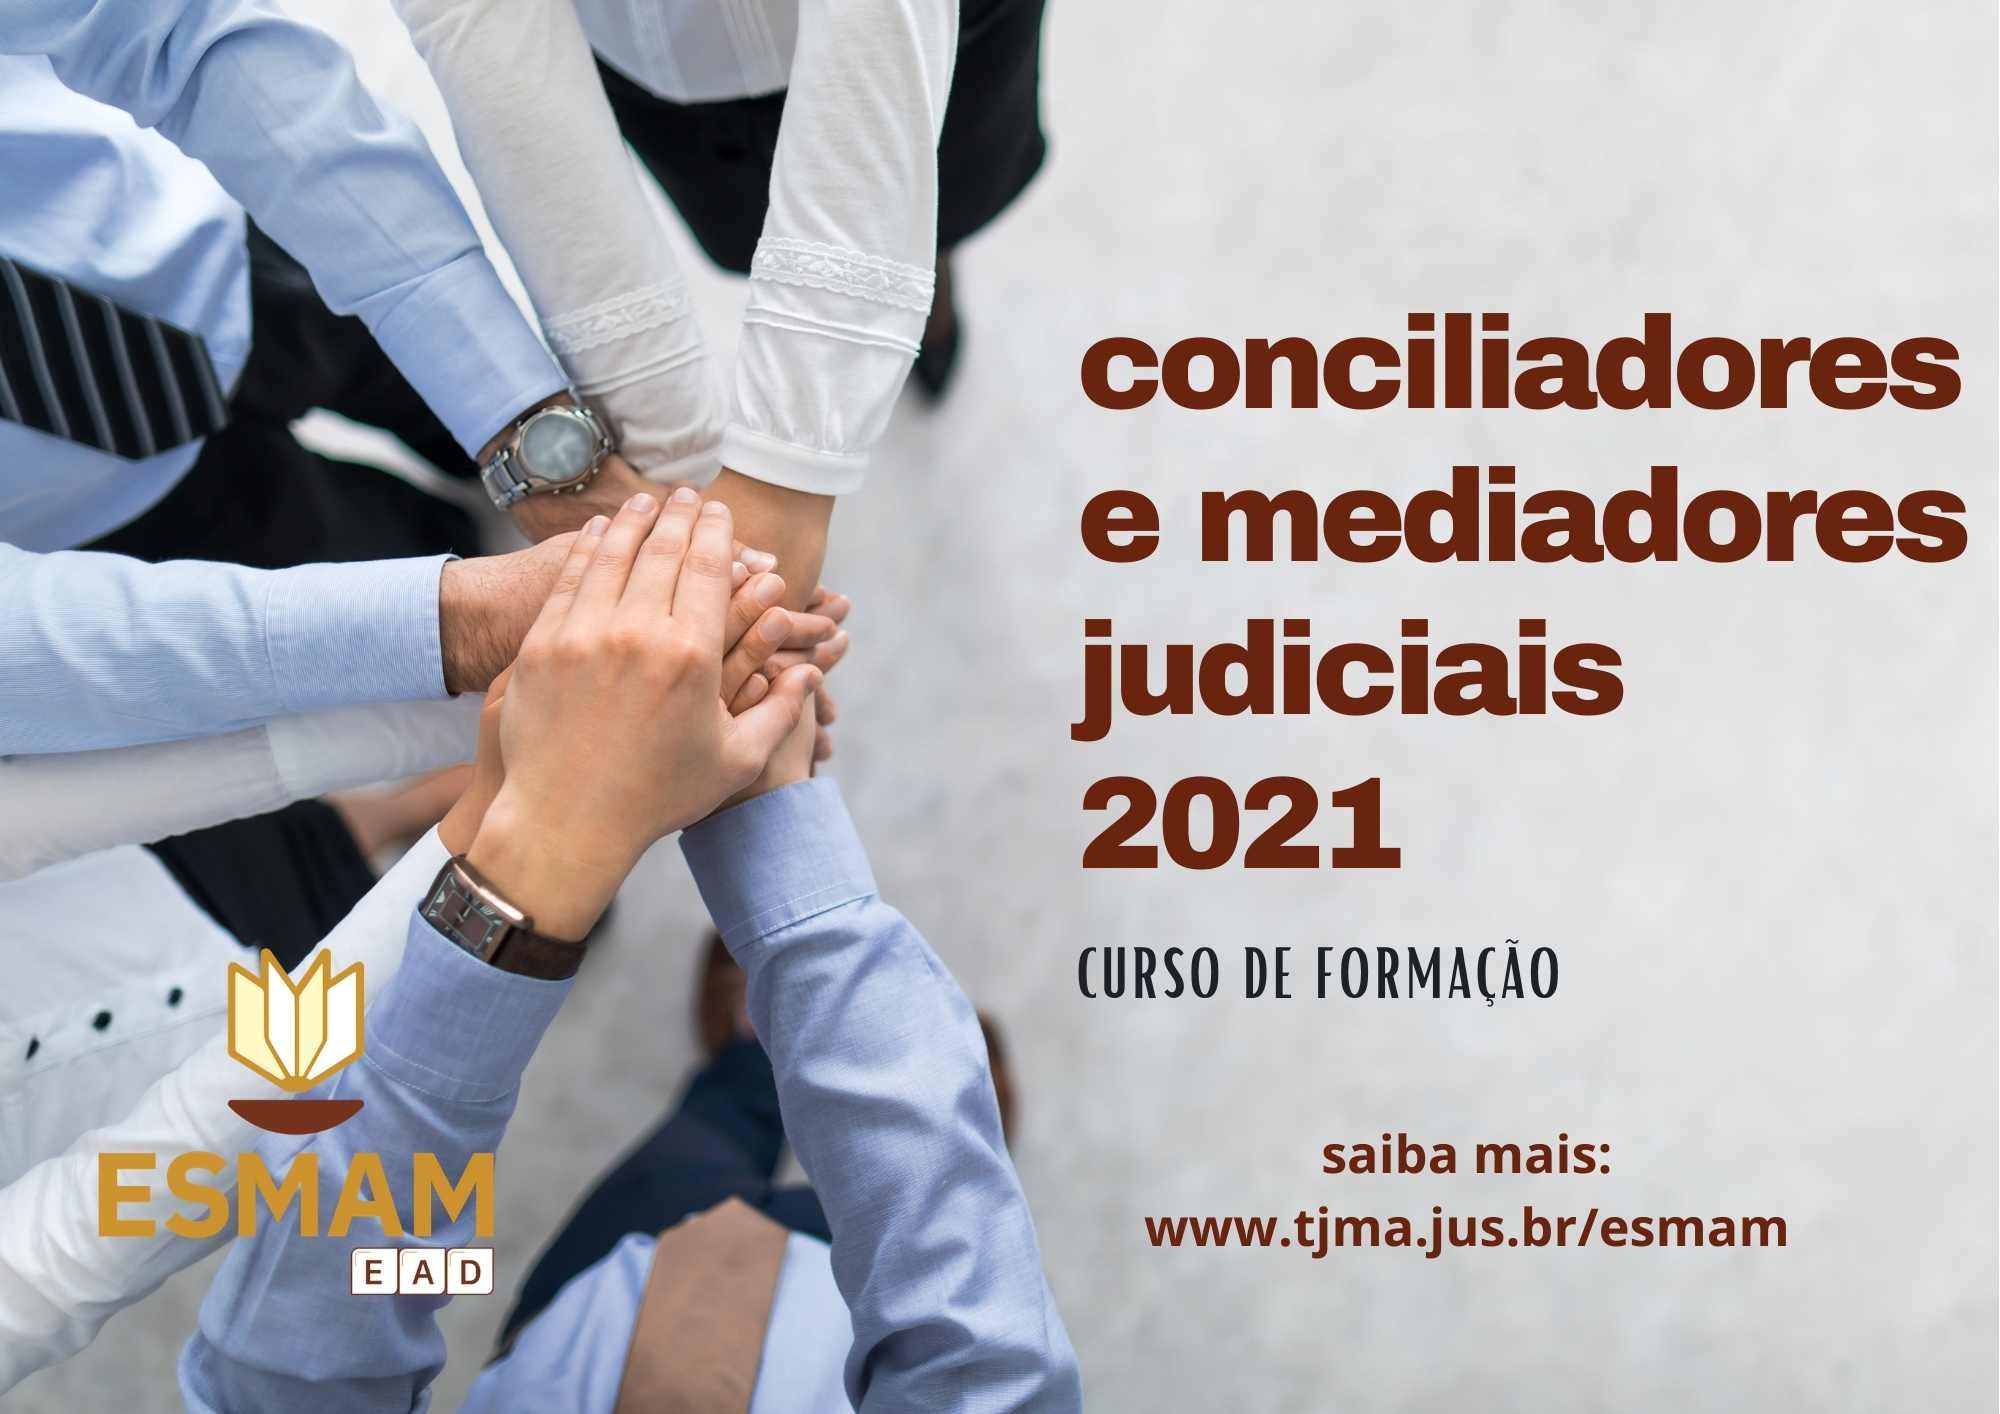 Resultado da seleção para o cursode formação de conciliadores judiciais